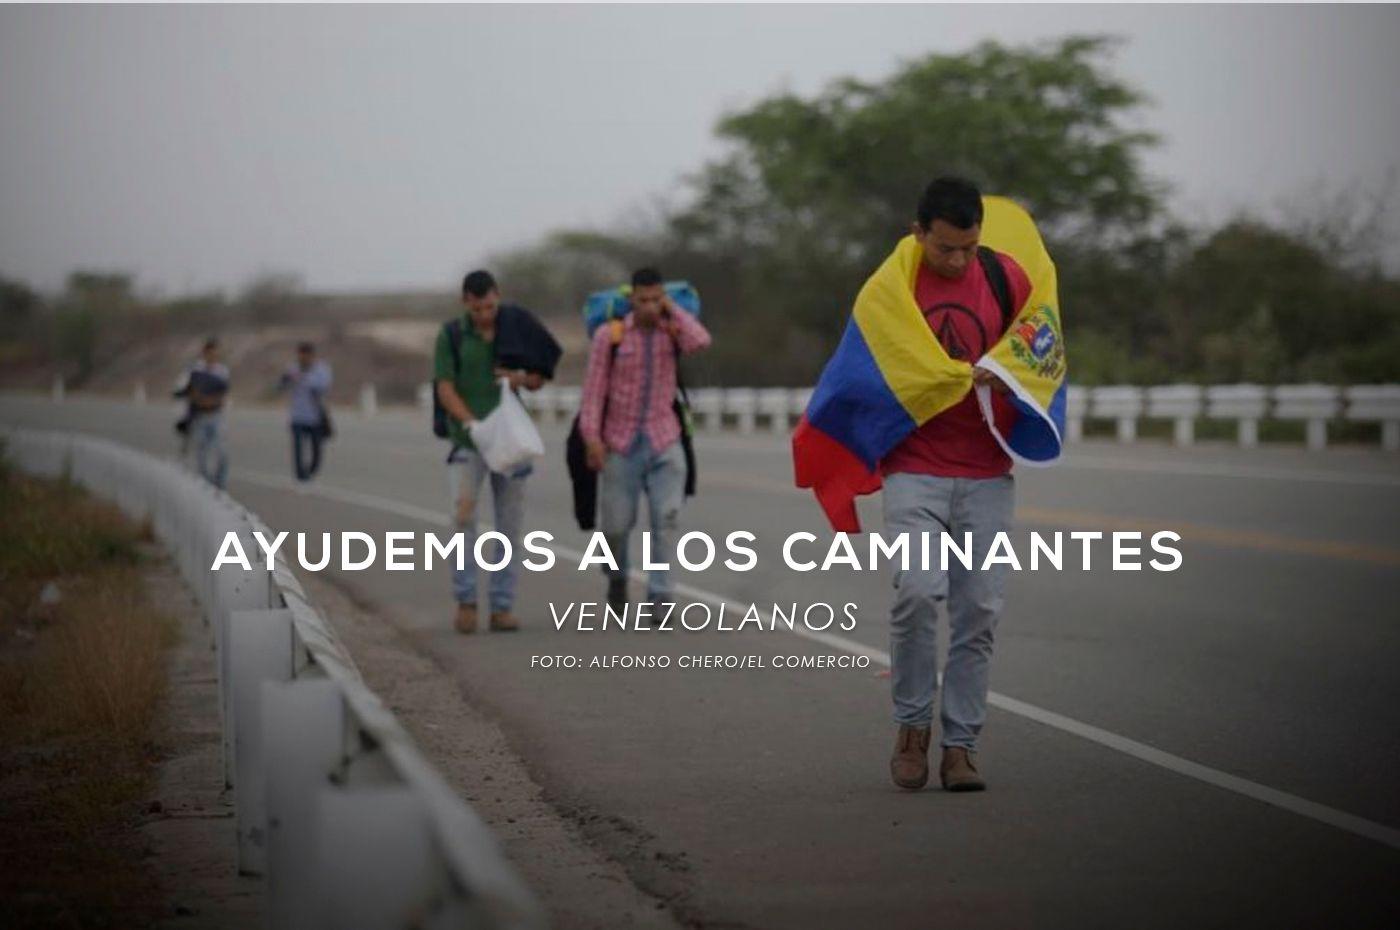 Ayudemos a los caminantes venezolanos